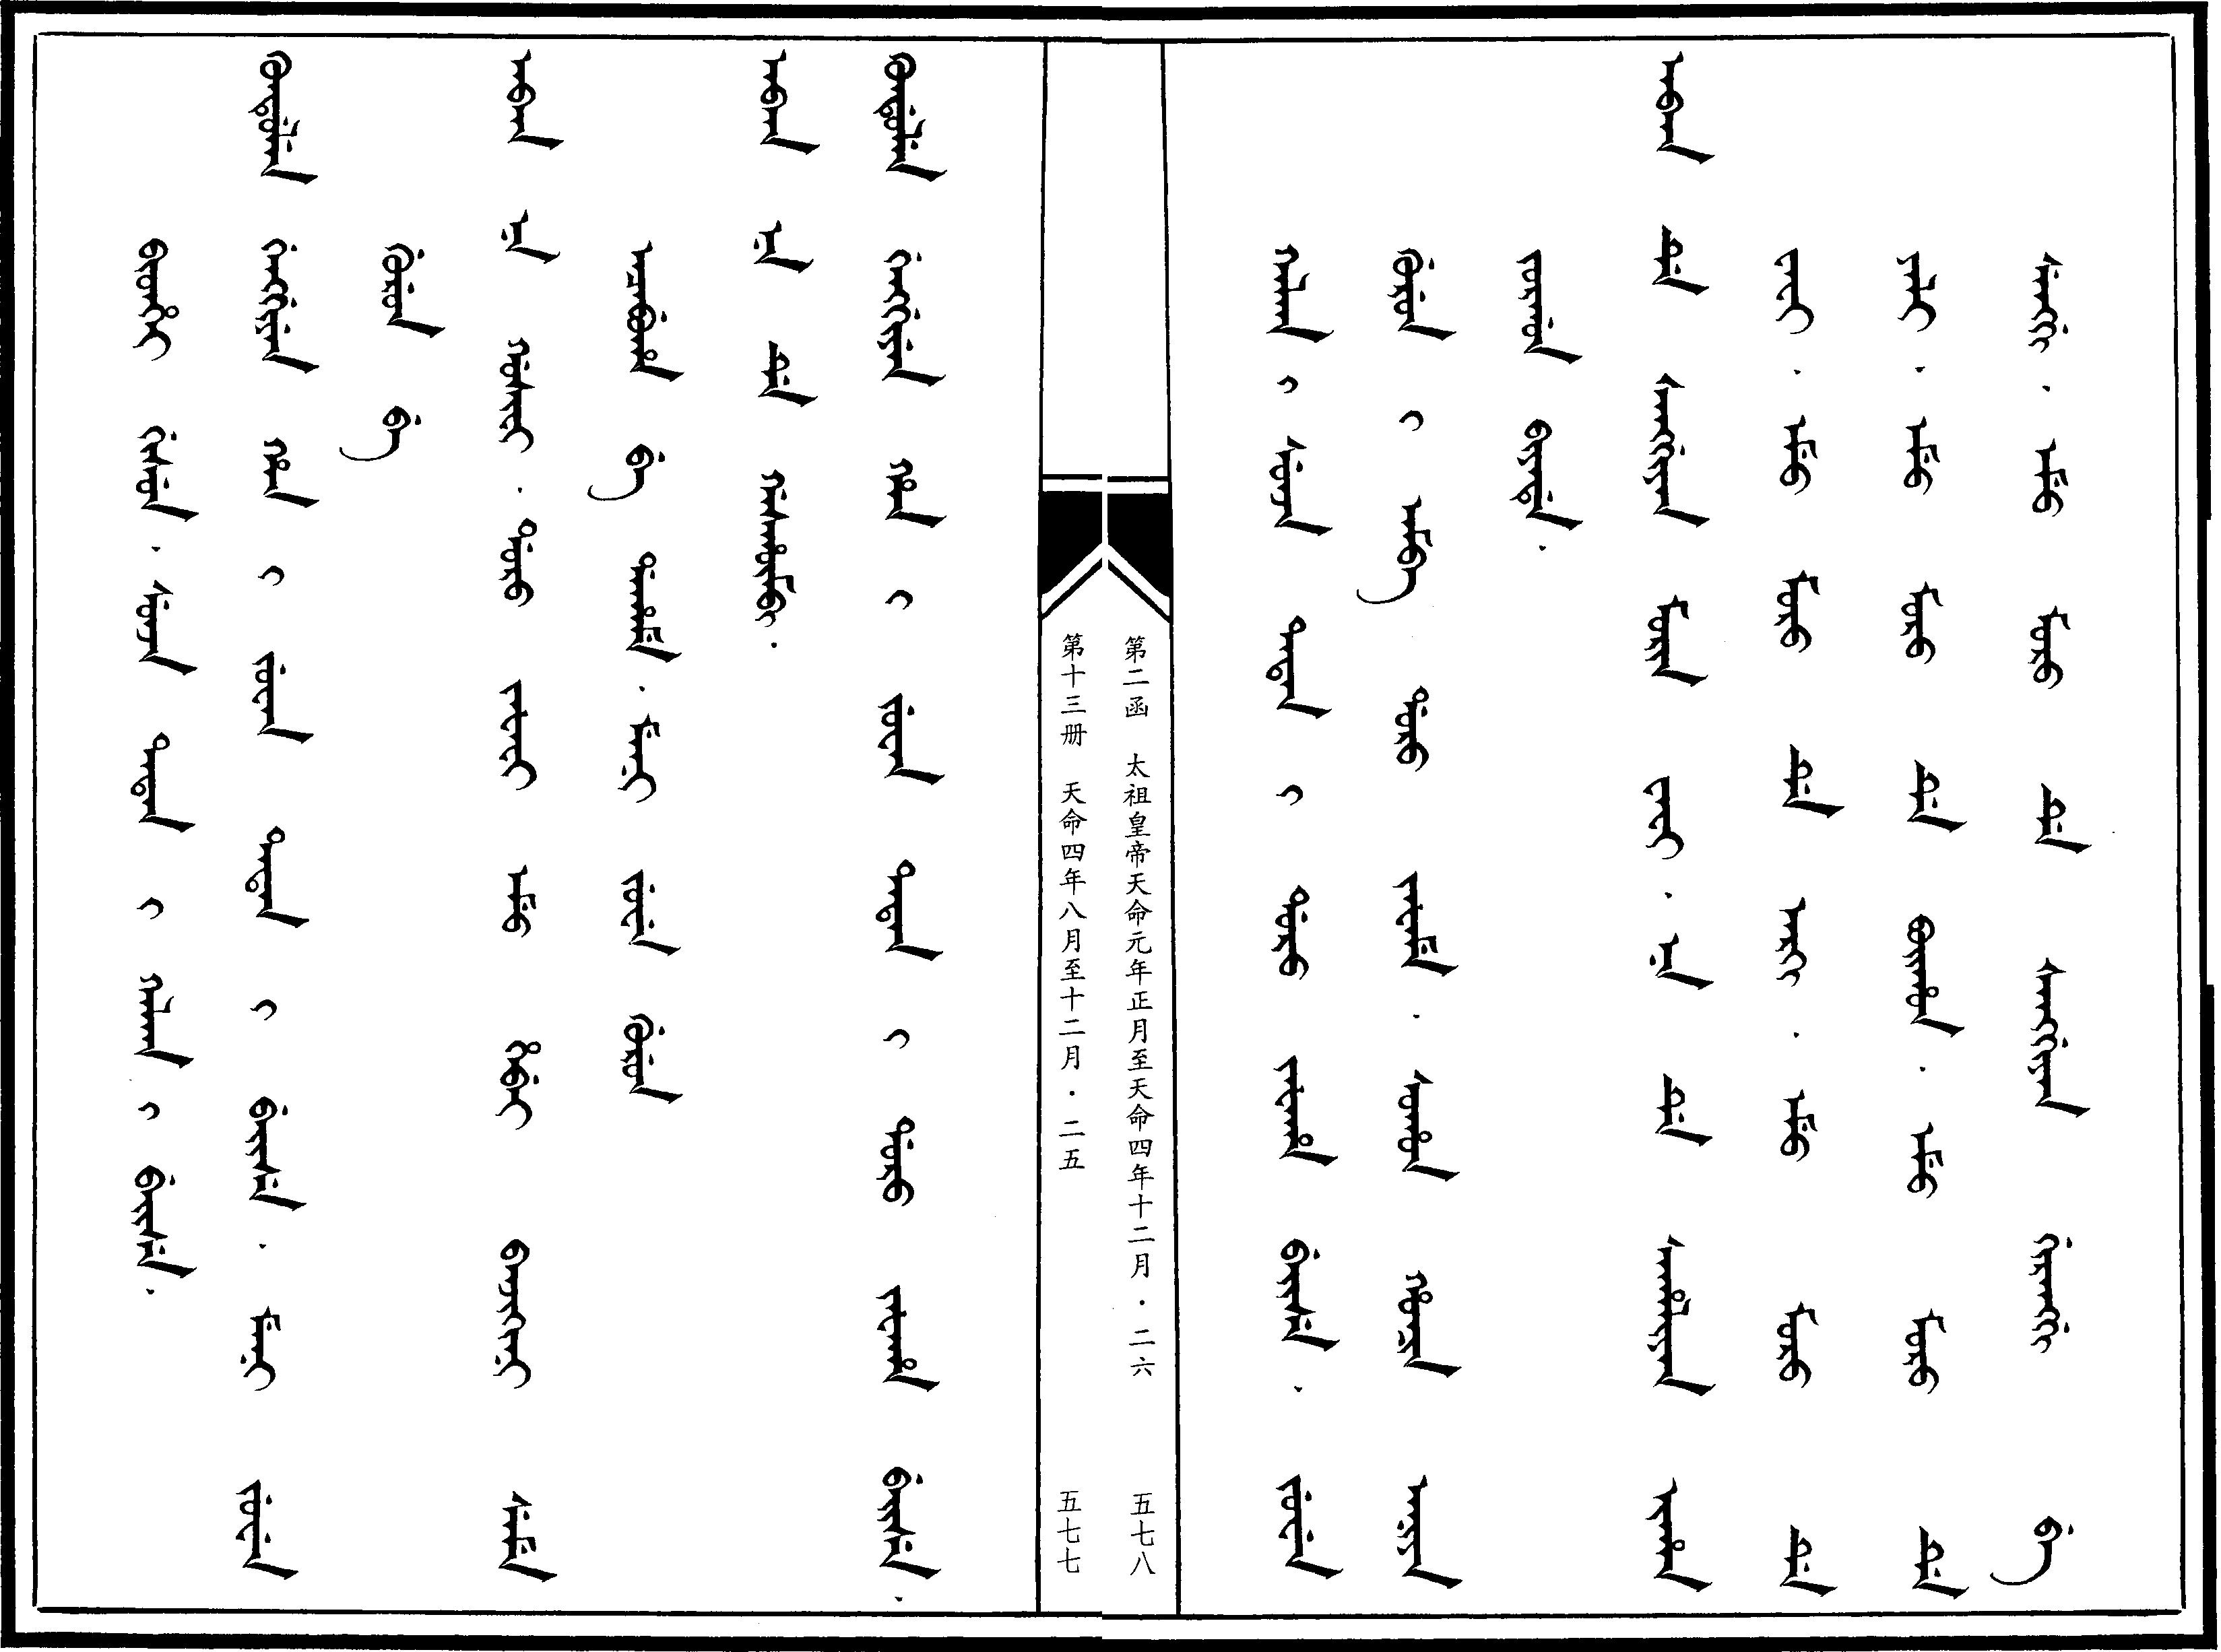 만주어 만문노당 271부-몽고 칼카5부와의 동맹을 승..